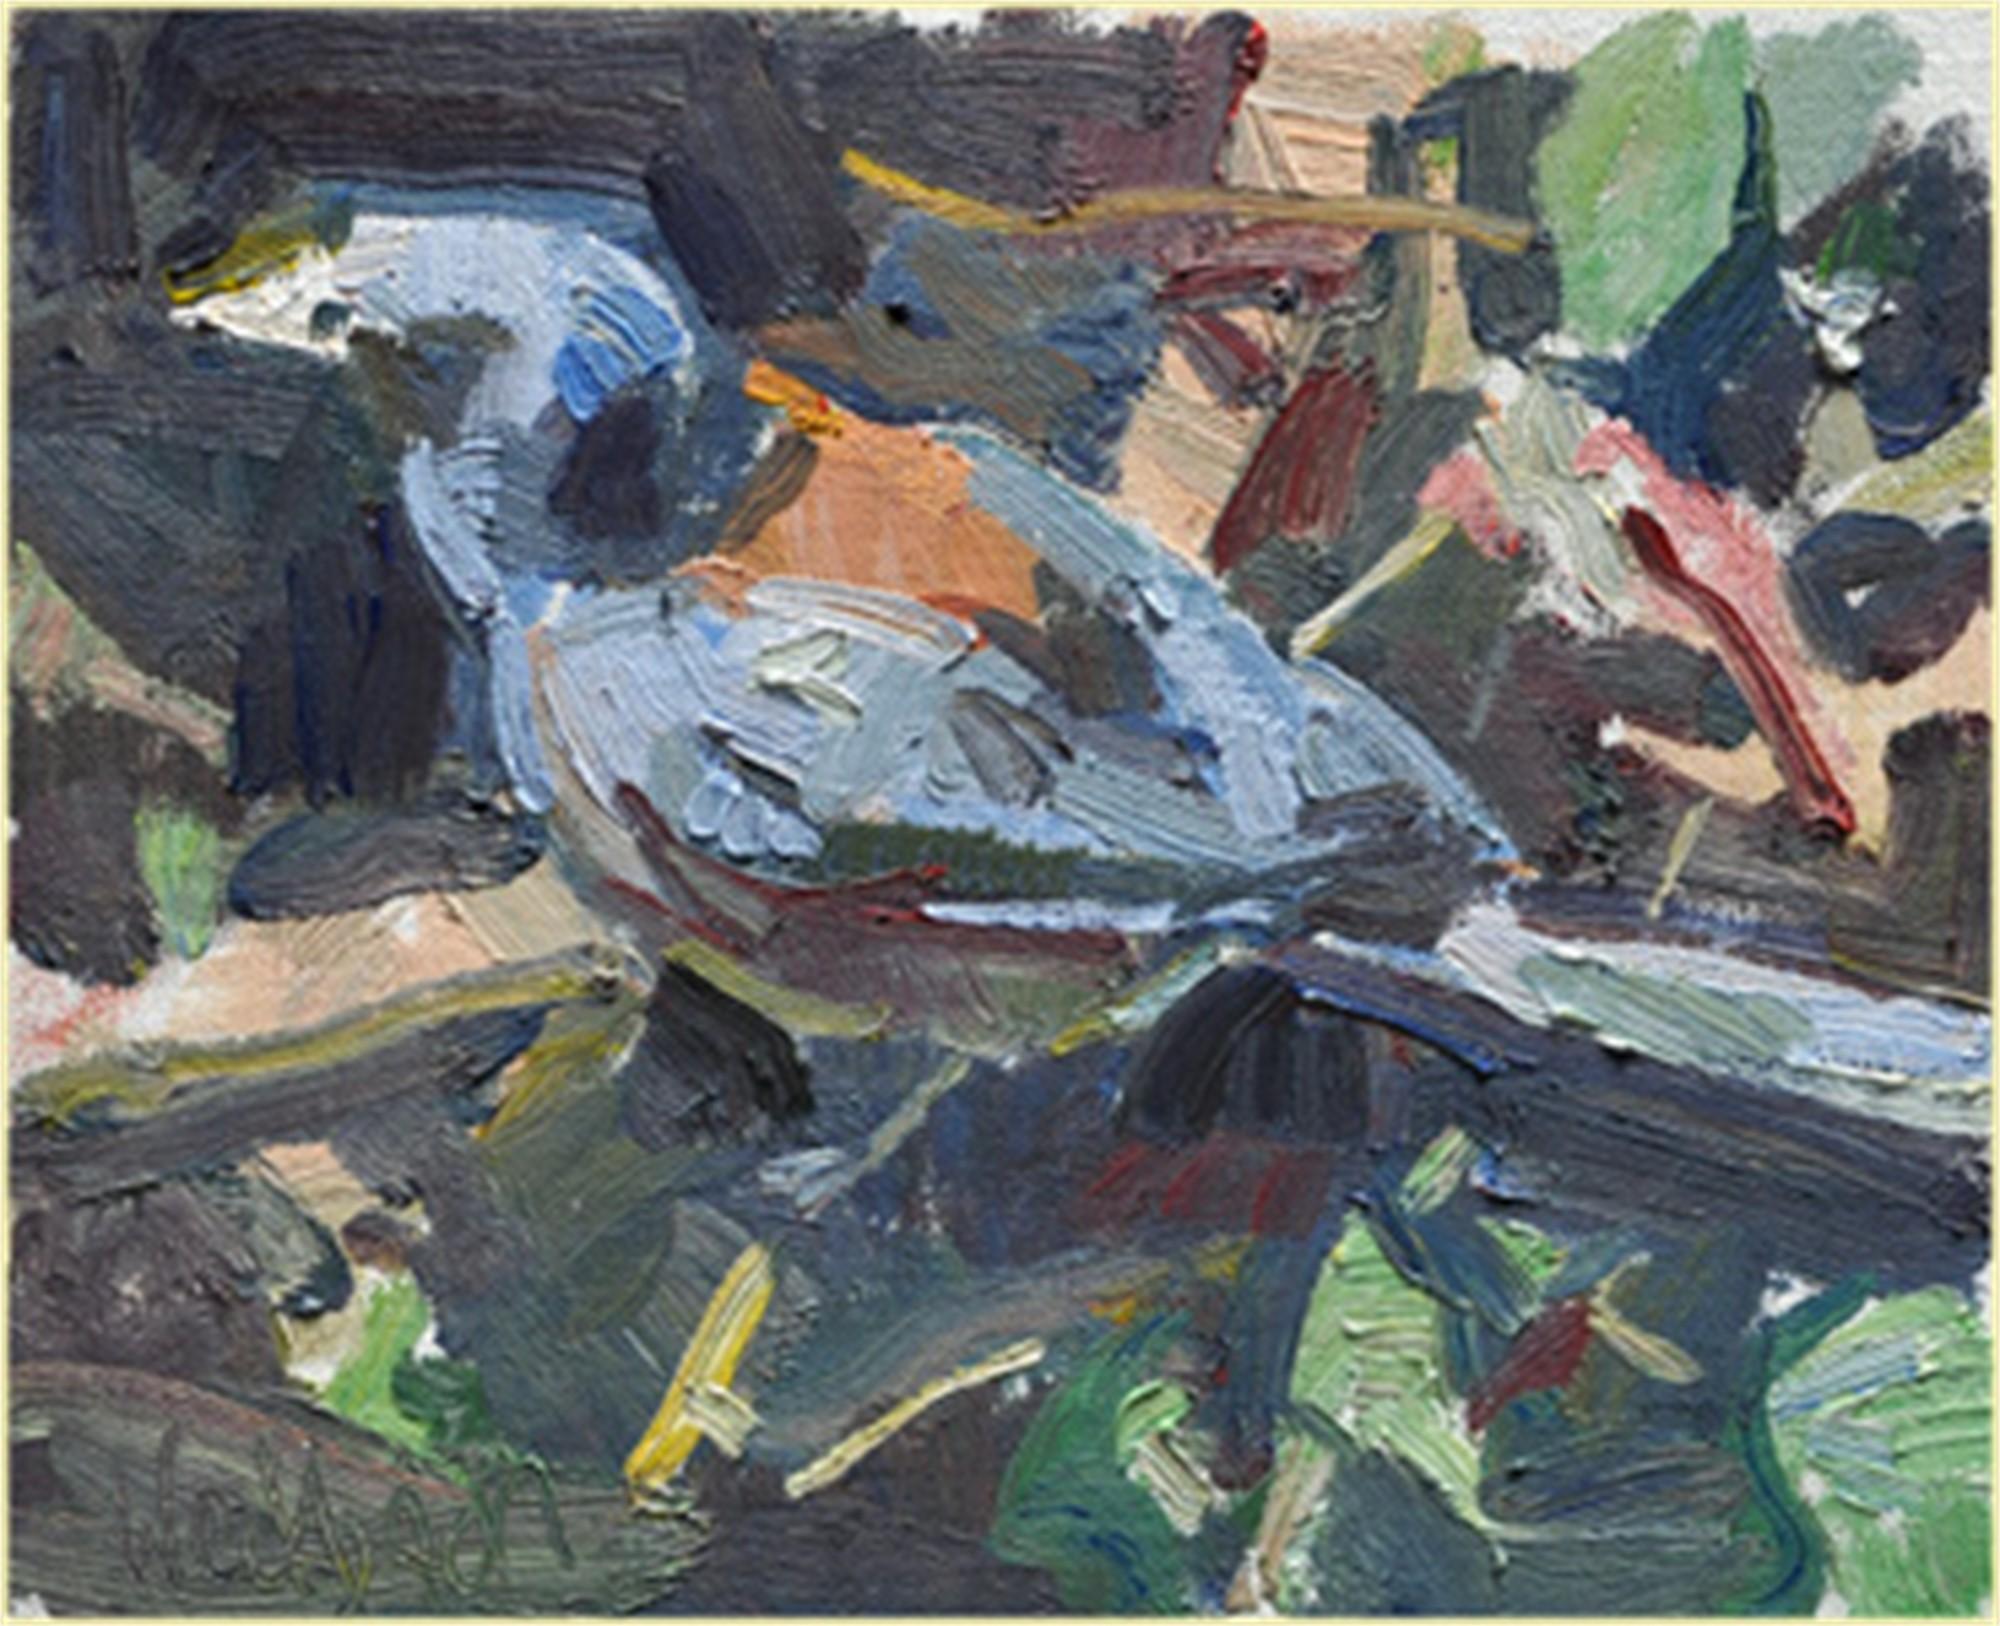 Birdy by Kevin Weckbach